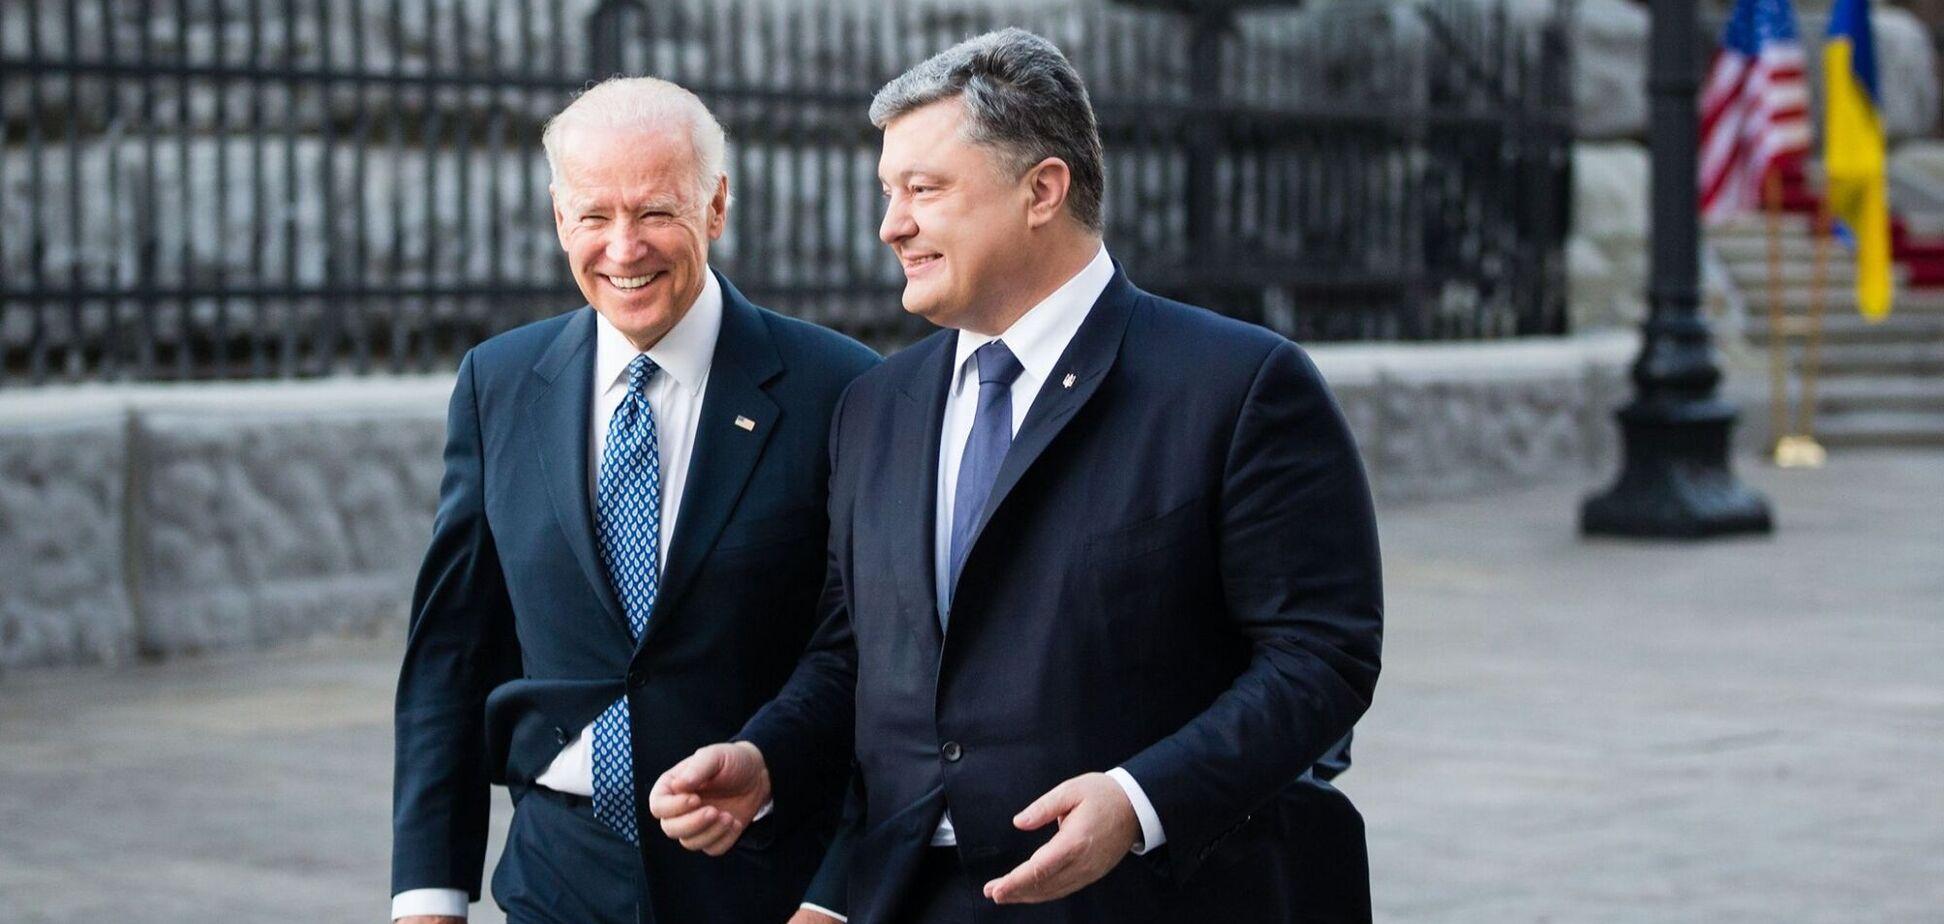 Порошенко поздравил Байдена с победой на выборах